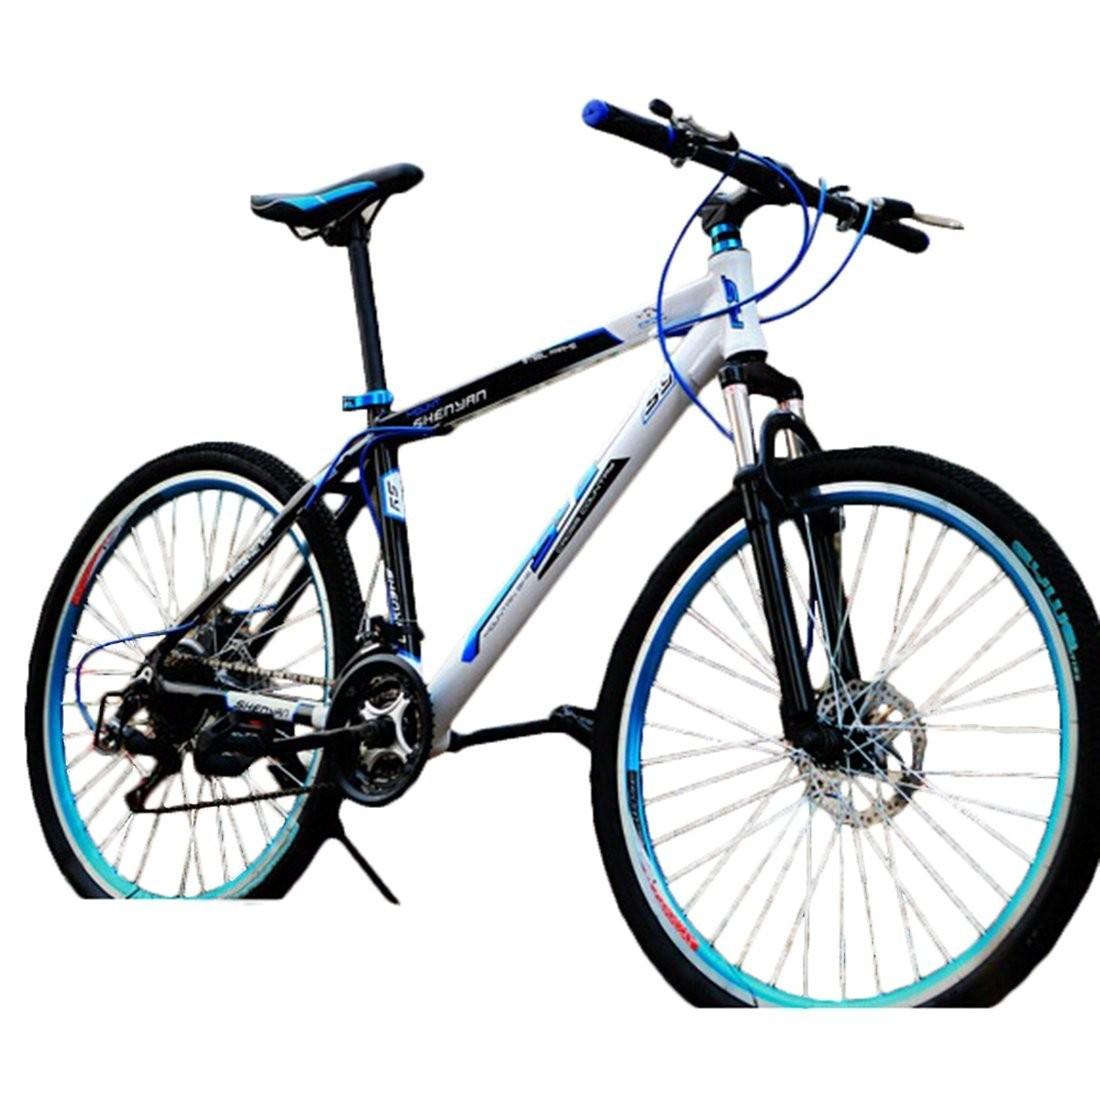 Bicicleta Montaña Hombre Cuadro de Aluminio 21 Velocidades Frenos ...